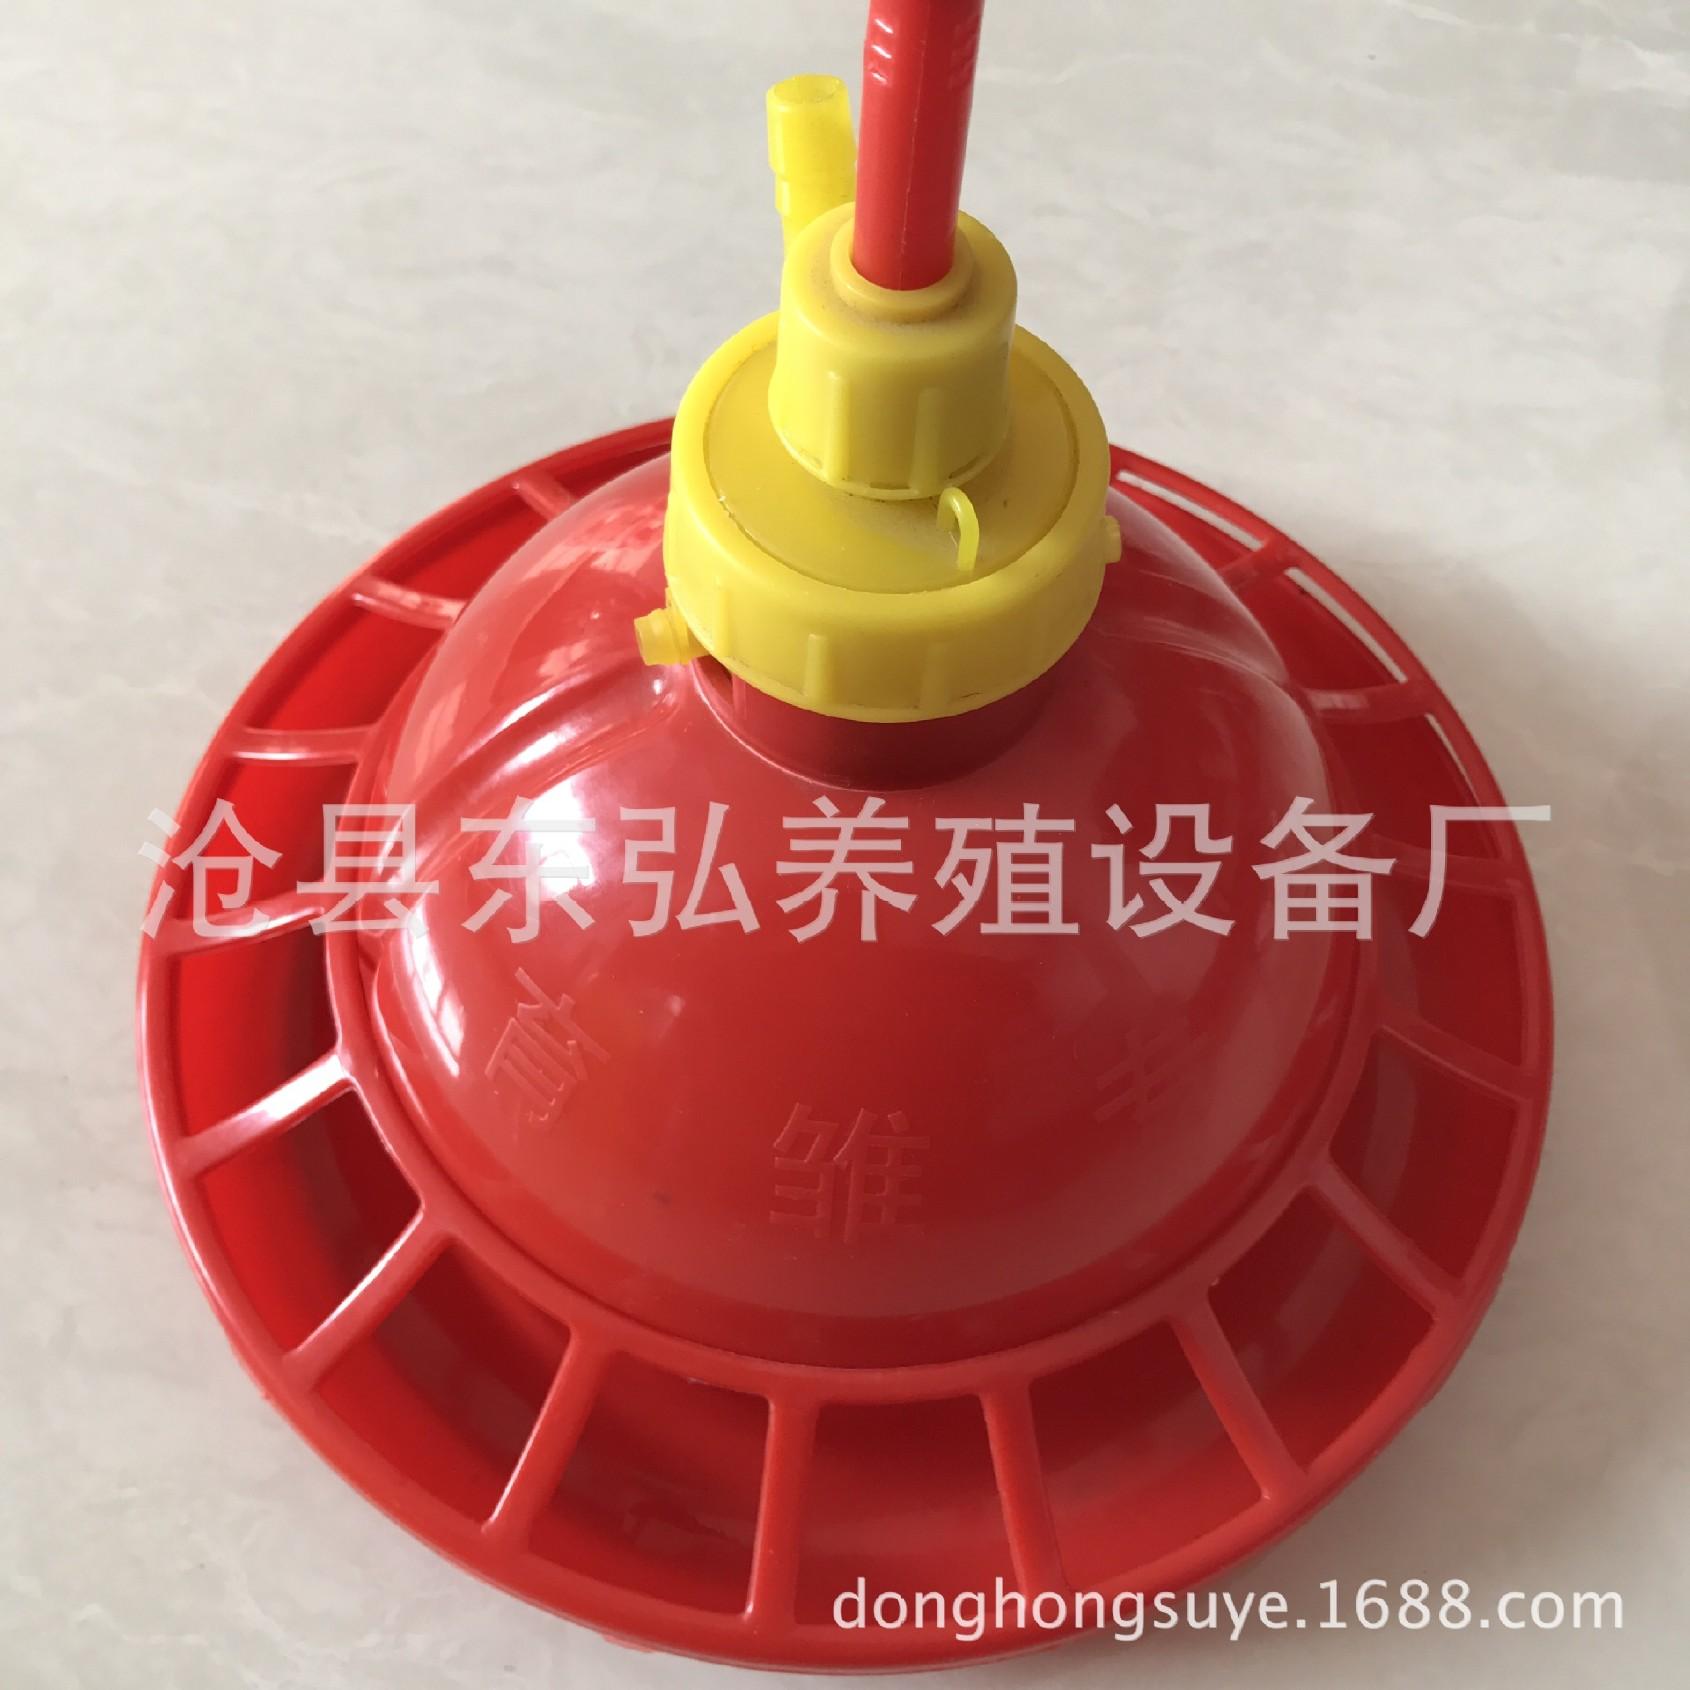 雏鸡普拉松自动饮水器 小普拉松自动饮水器 饮水壶 普拉松饮水器